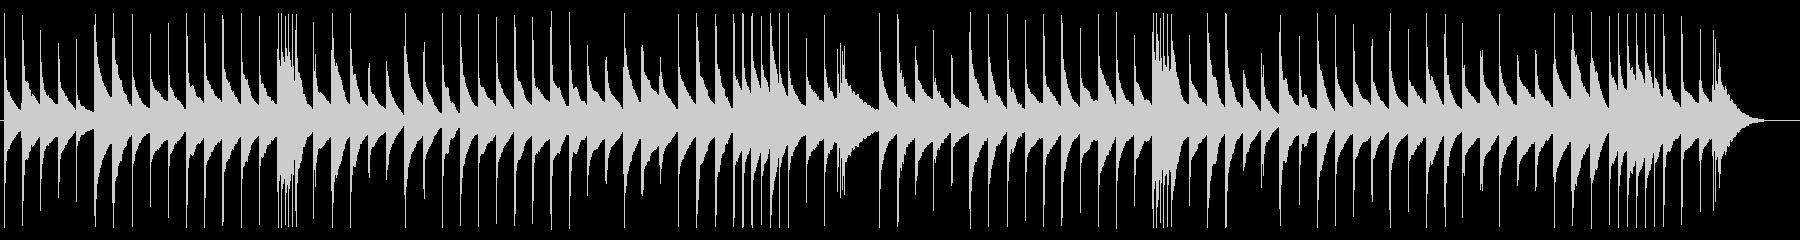 ショパン「ノクターン第2番」オルゴールの未再生の波形